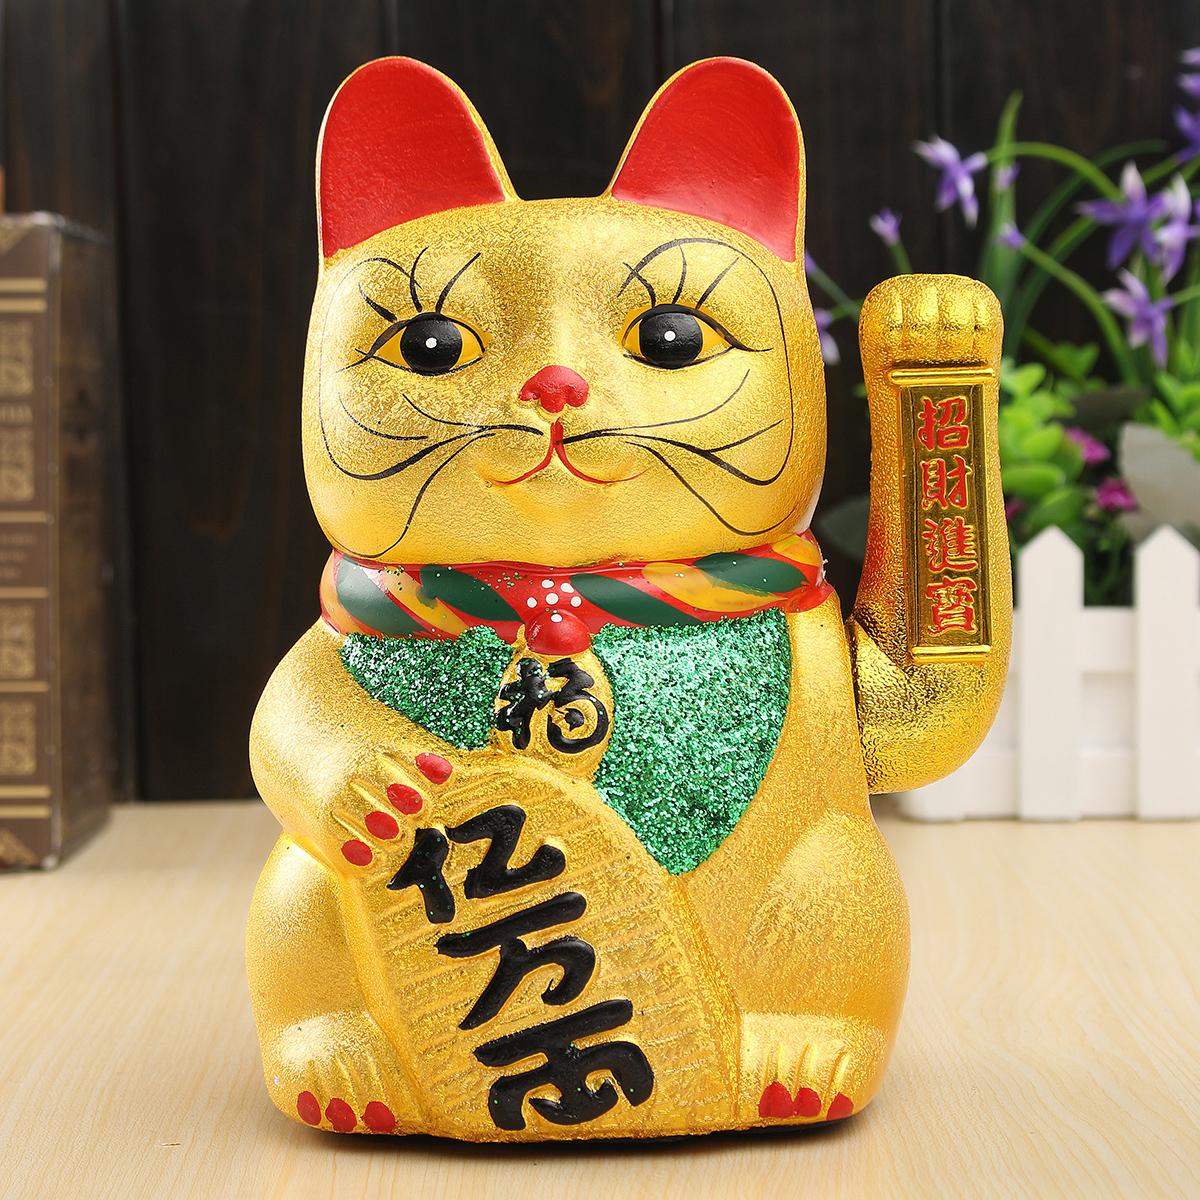 c ramique chinois chanceux agitant porte bonheur maneki neko chat figurine 21cm achat vente. Black Bedroom Furniture Sets. Home Design Ideas